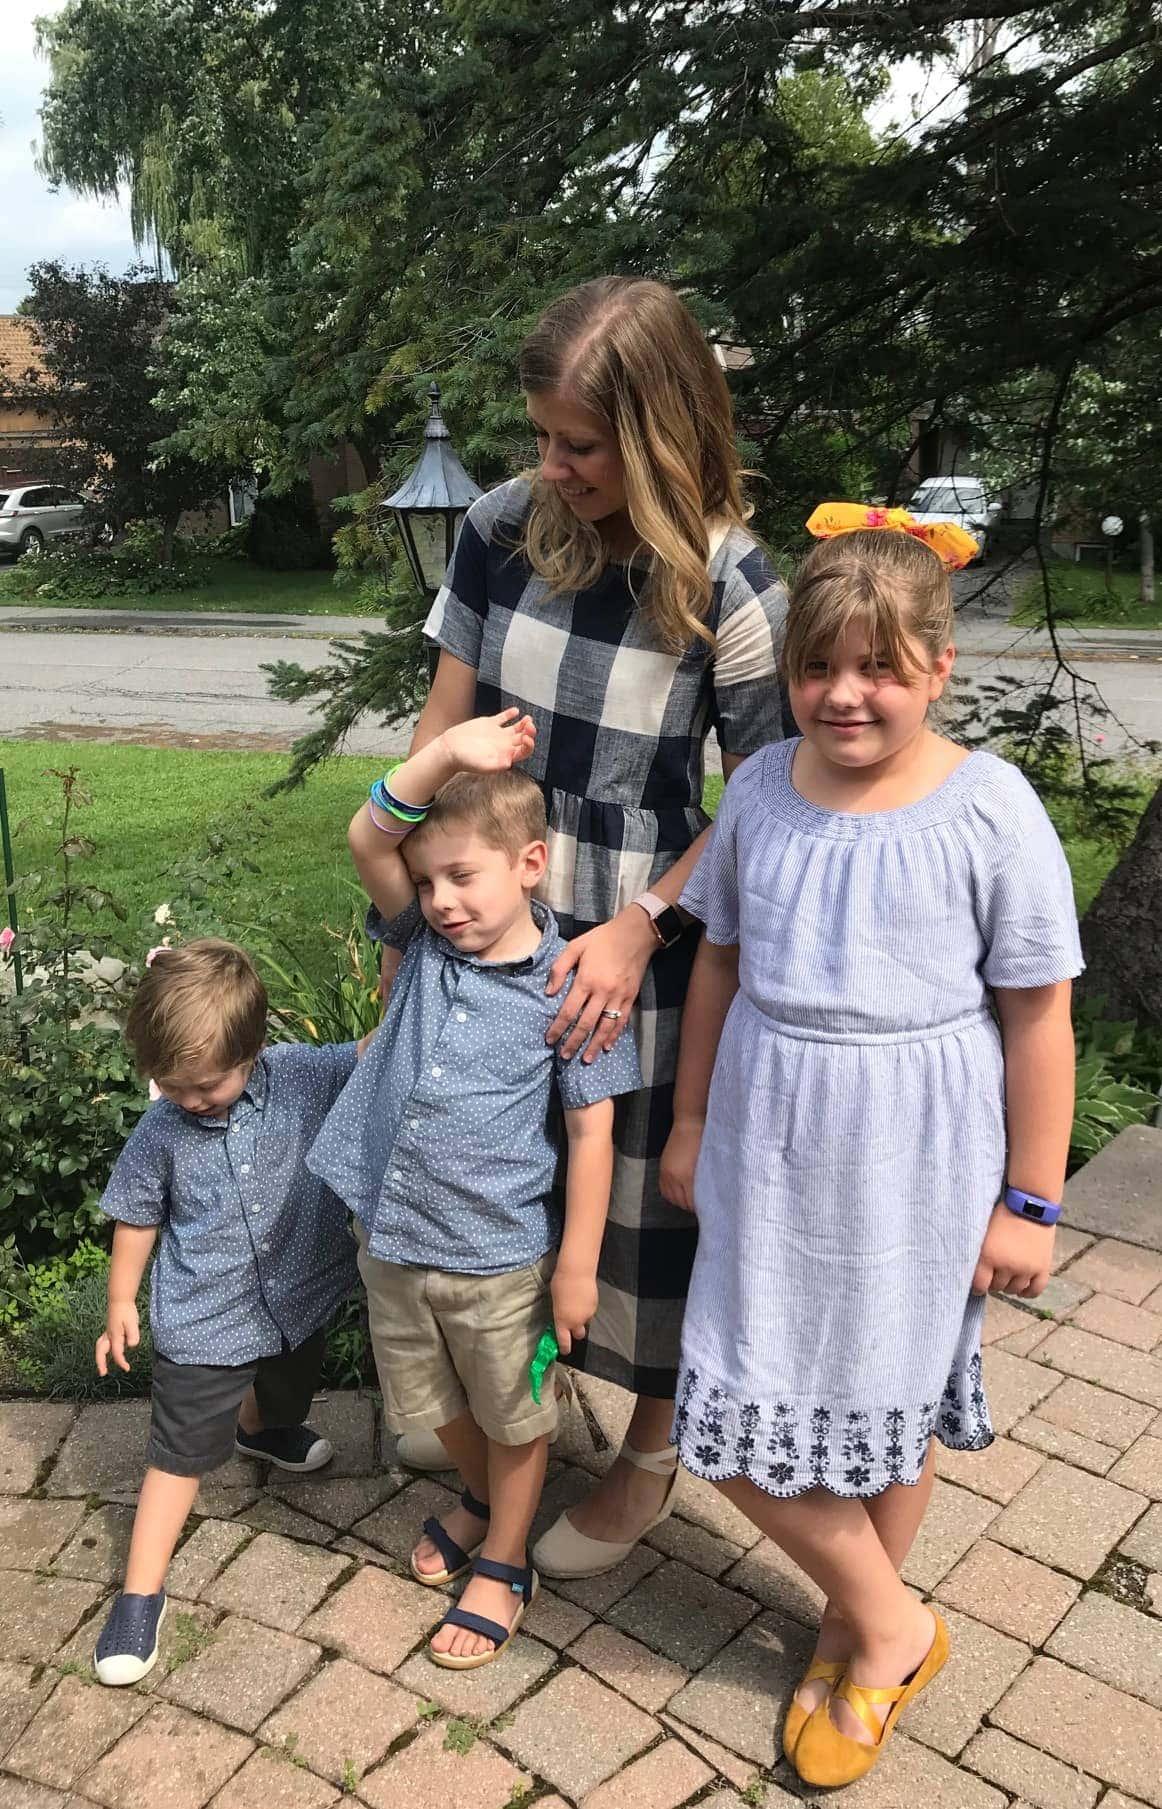 Lauren and the kids